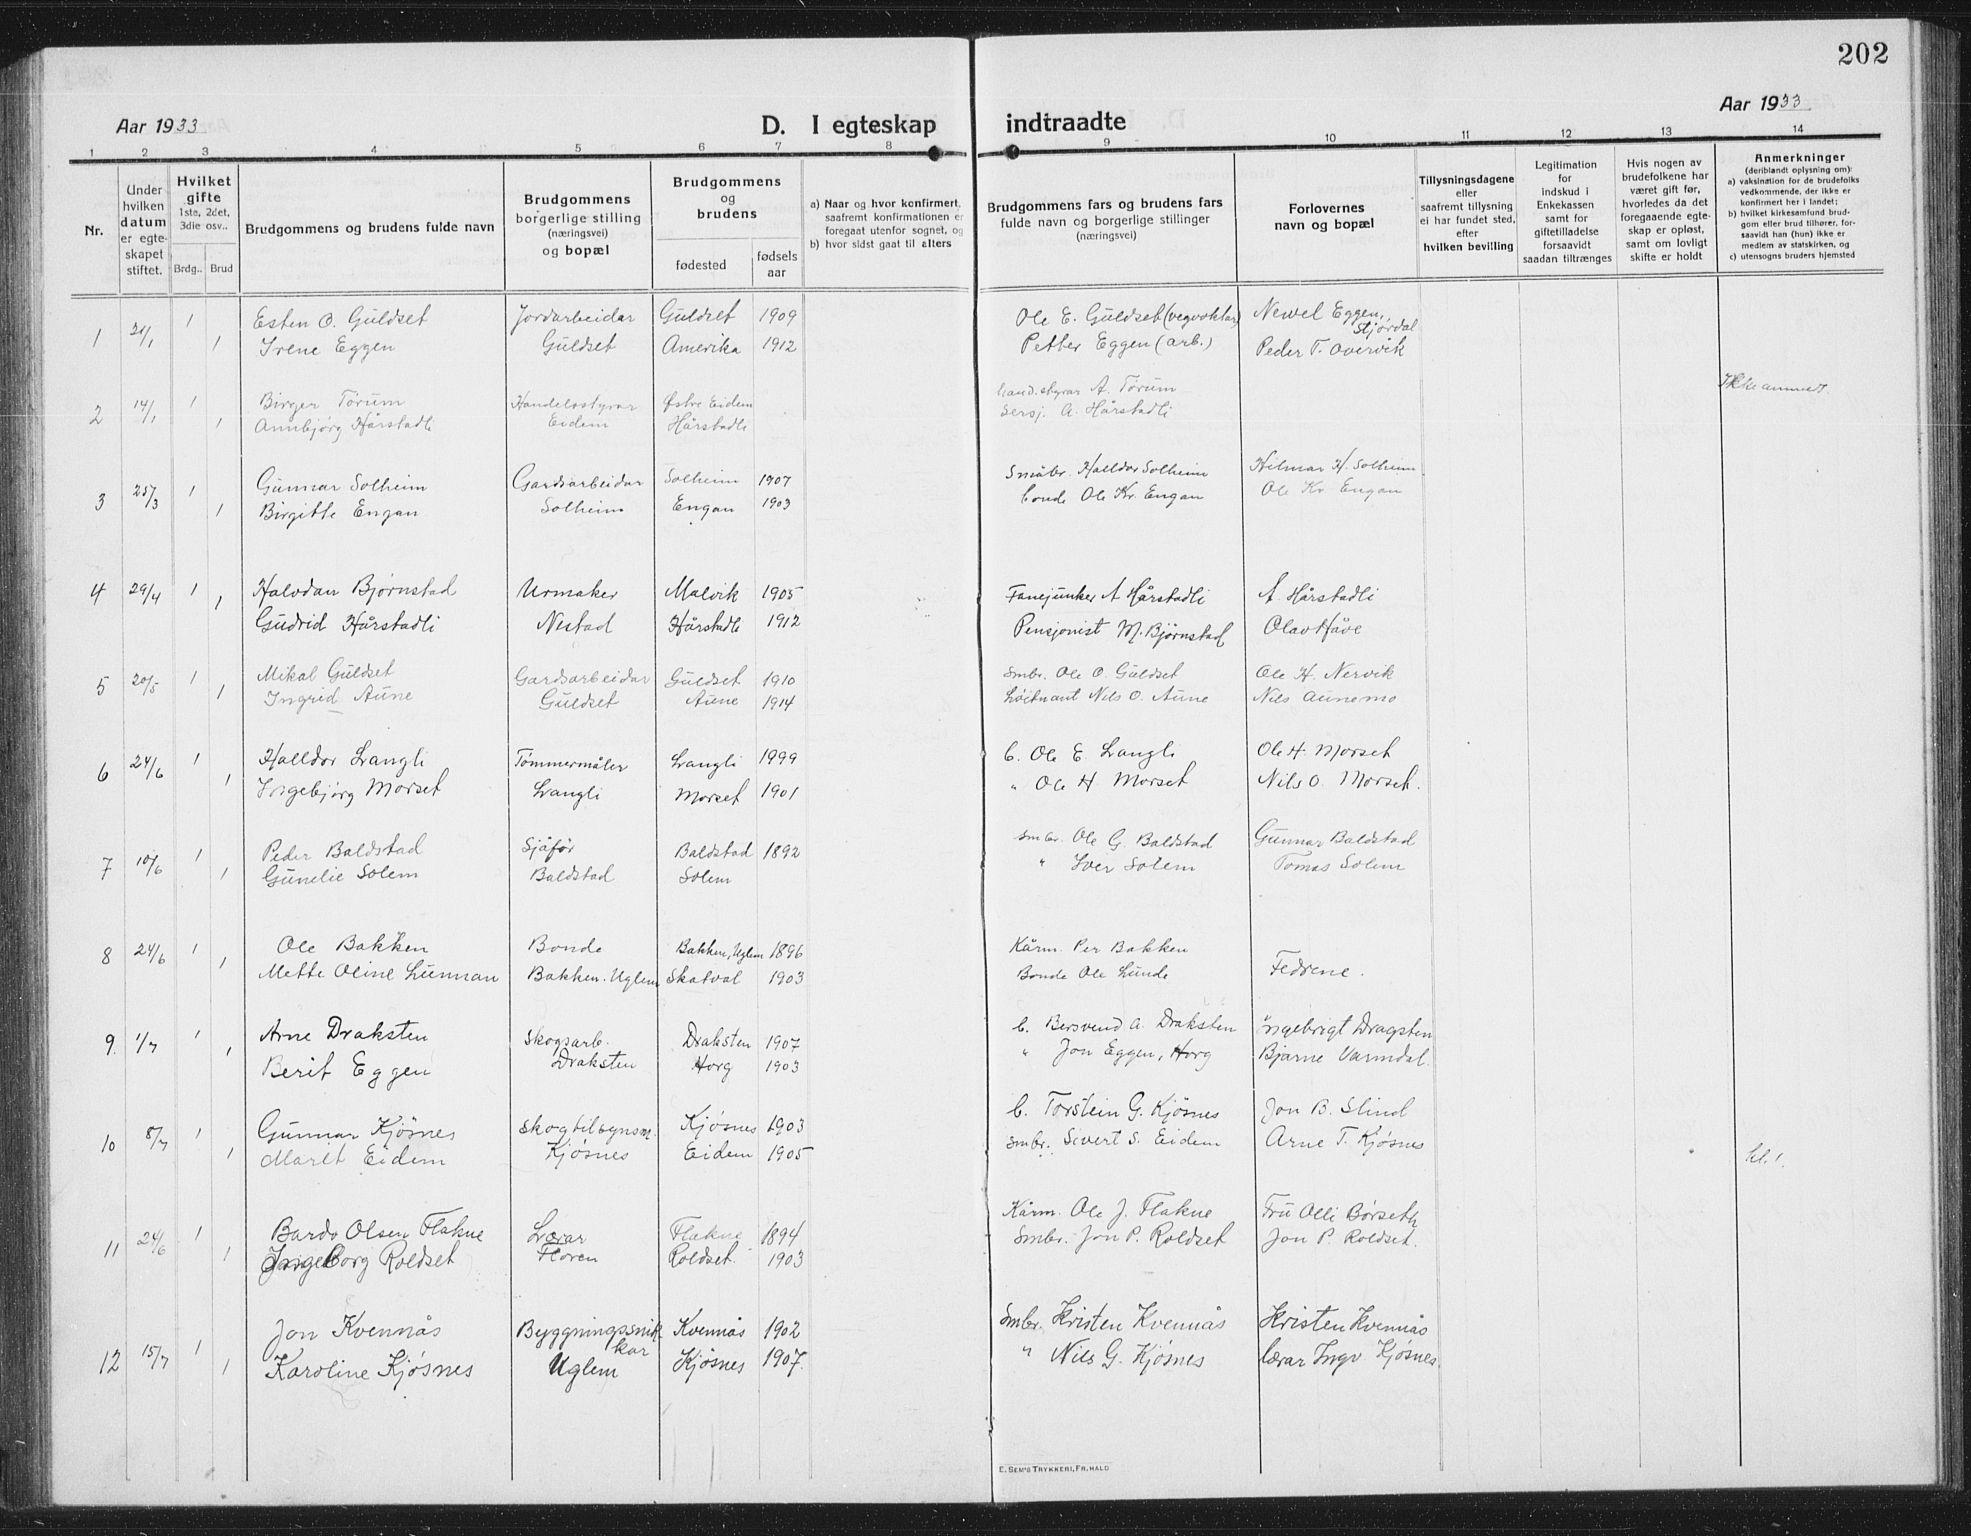 SAT, Ministerialprotokoller, klokkerbøker og fødselsregistre - Sør-Trøndelag, 695/L1158: Klokkerbok nr. 695C09, 1913-1940, s. 202